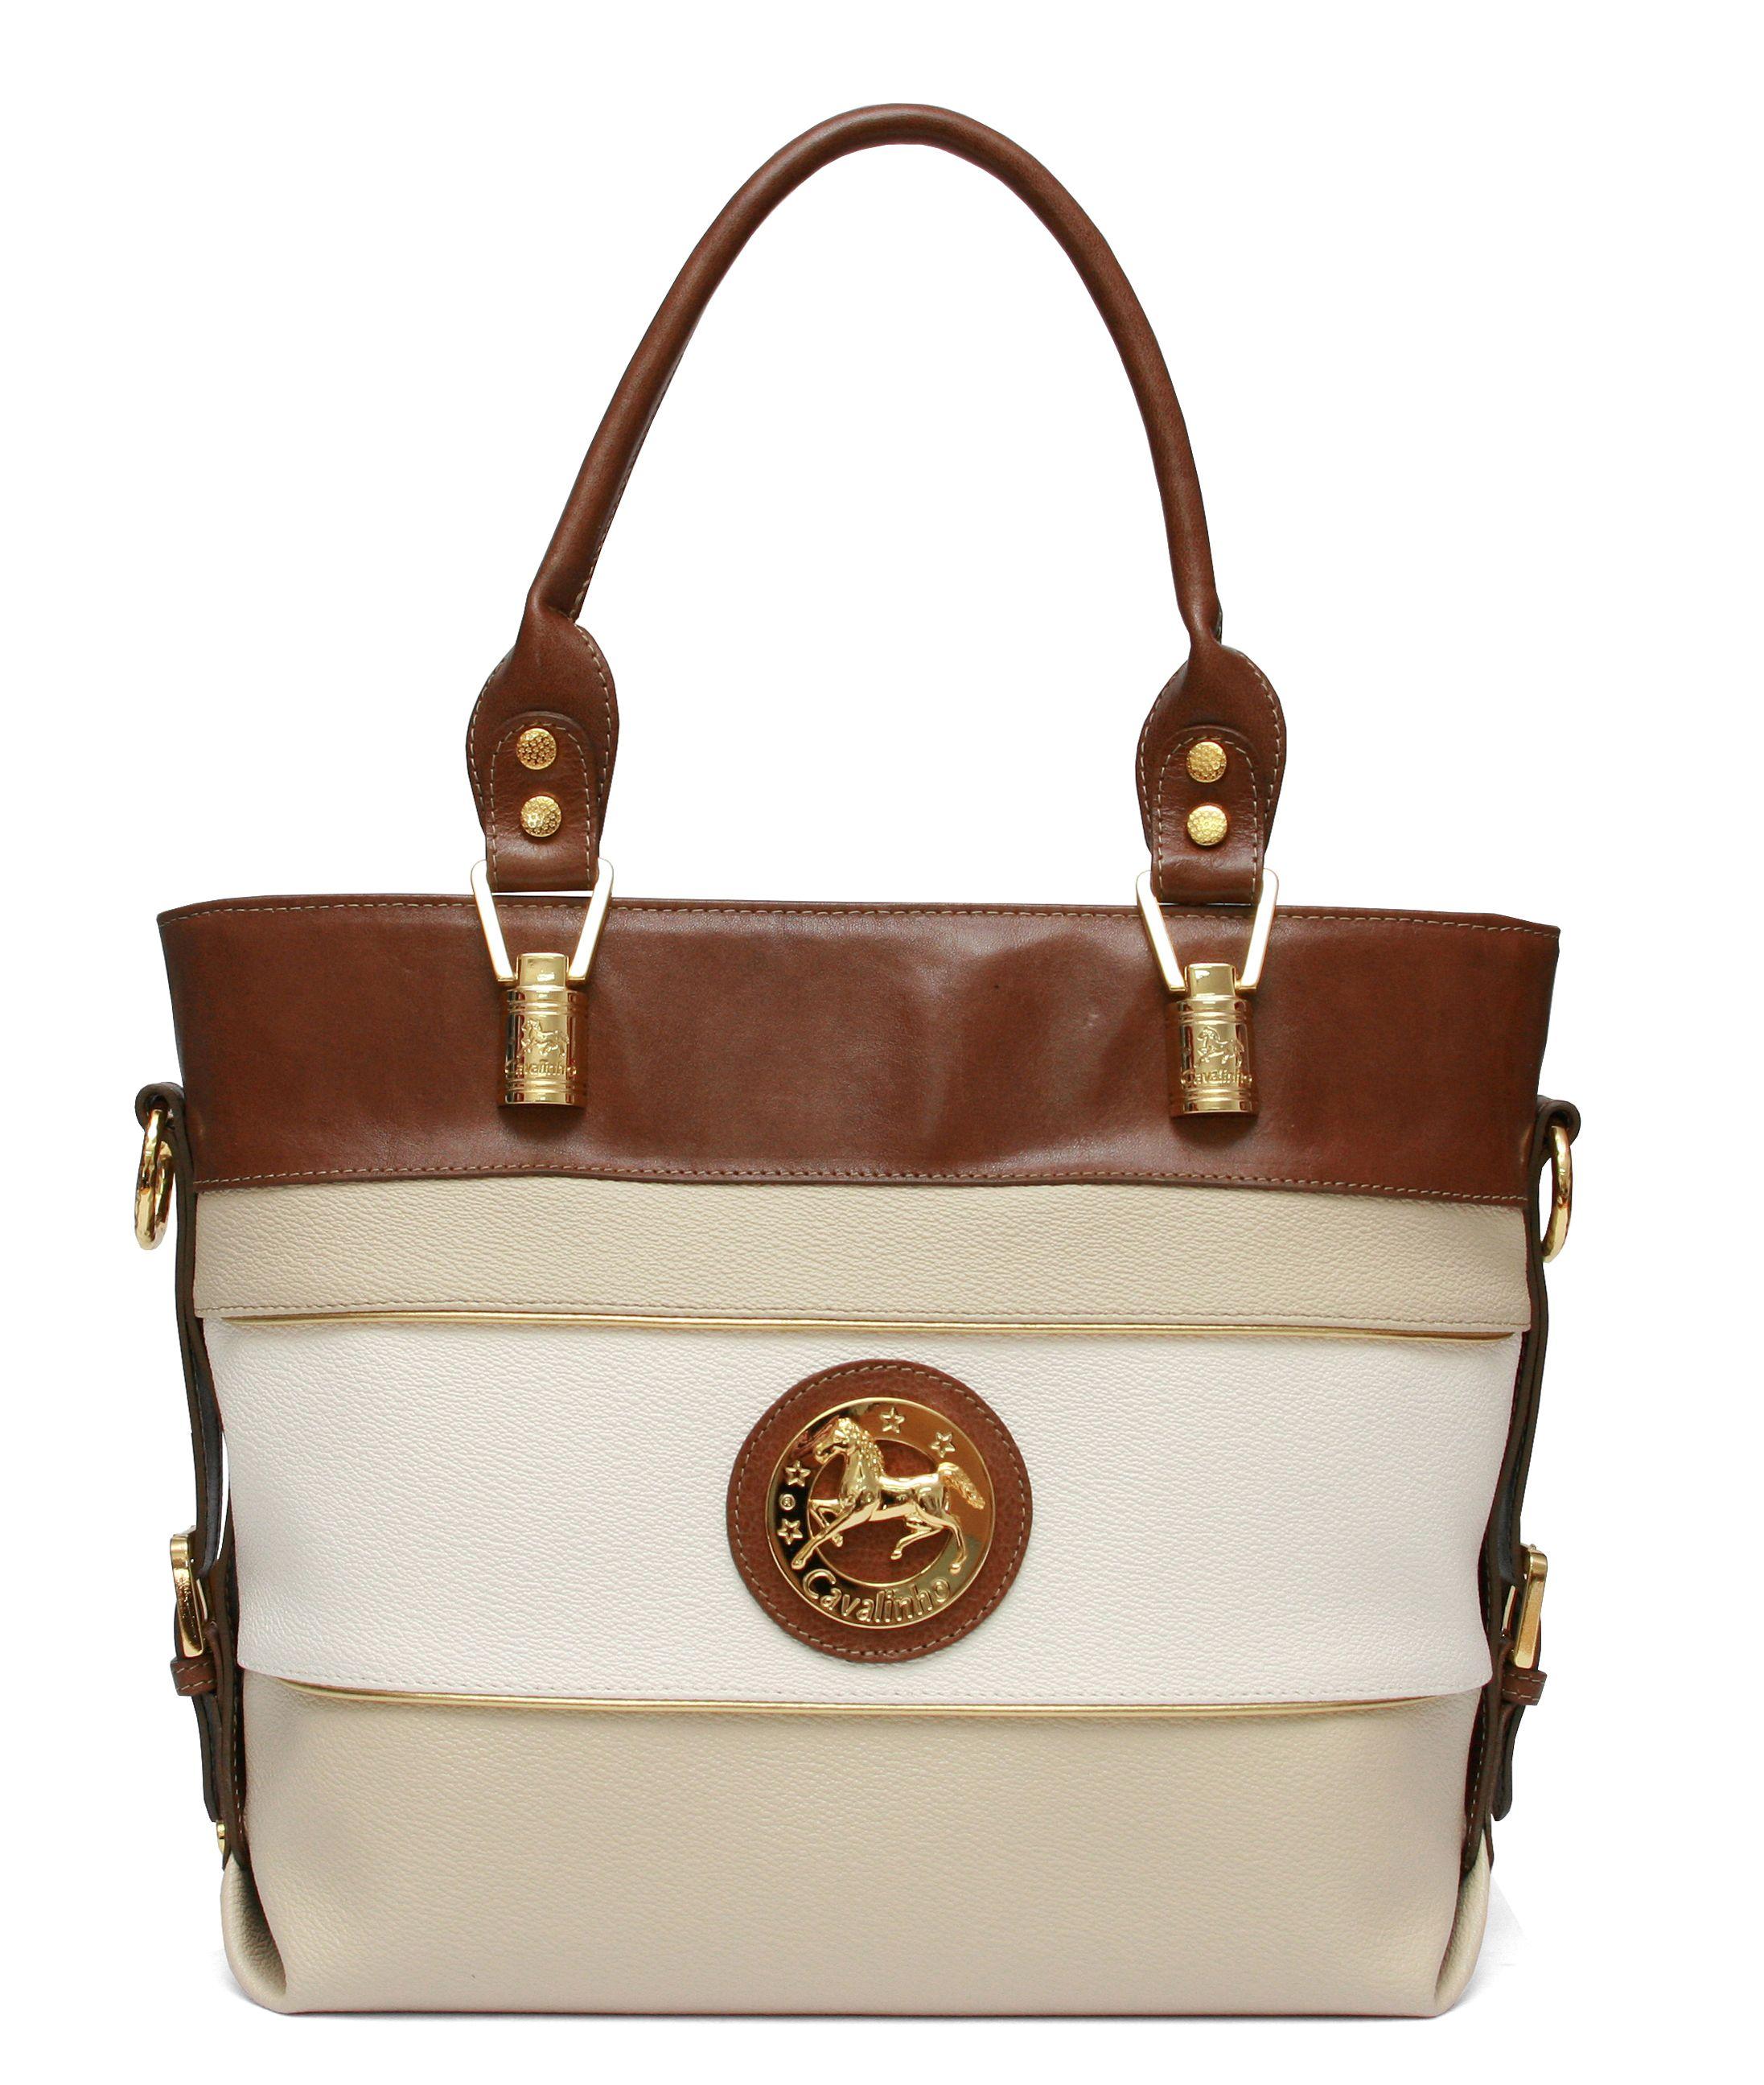 As malas Cavalinho adaptam-se a qualquer ocasião! Cavalinho handbags ...